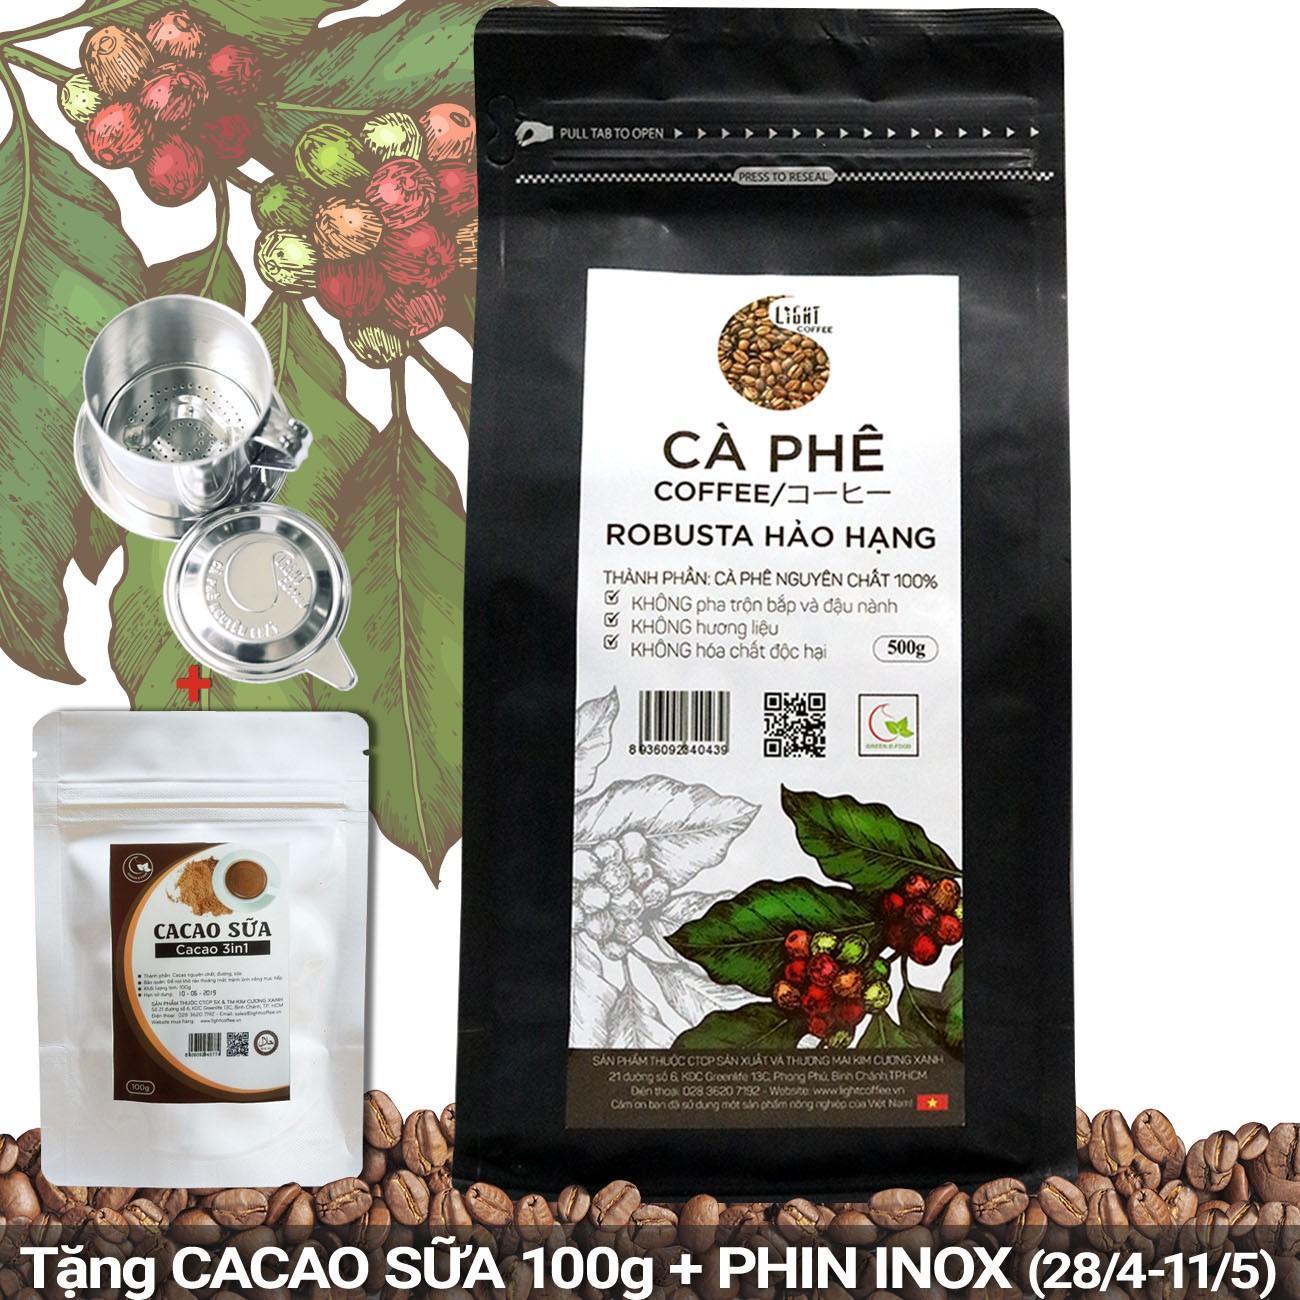 Giá Bán Ca Phe Hạt Nguyen Chất 100 Robusta Hảo Hạng Light Coffee Goi 500G Nguyên Light Coffee